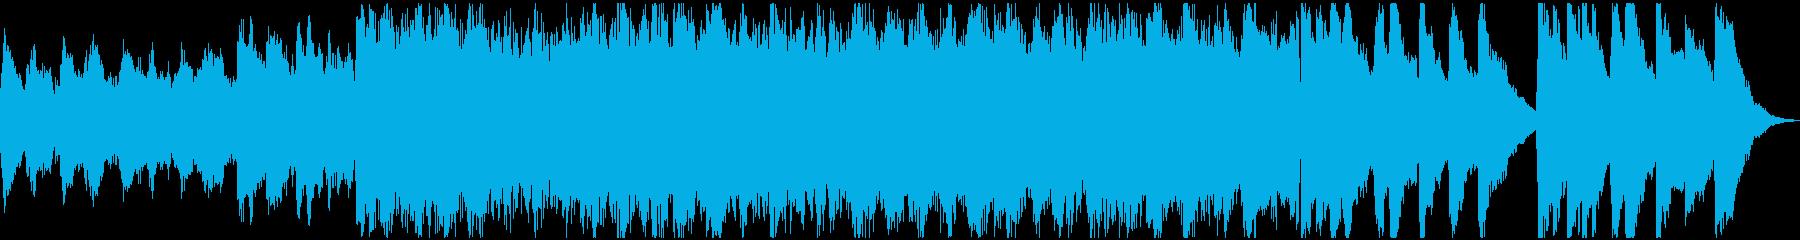 現代的 交響曲 可愛い 子ども エ...の再生済みの波形